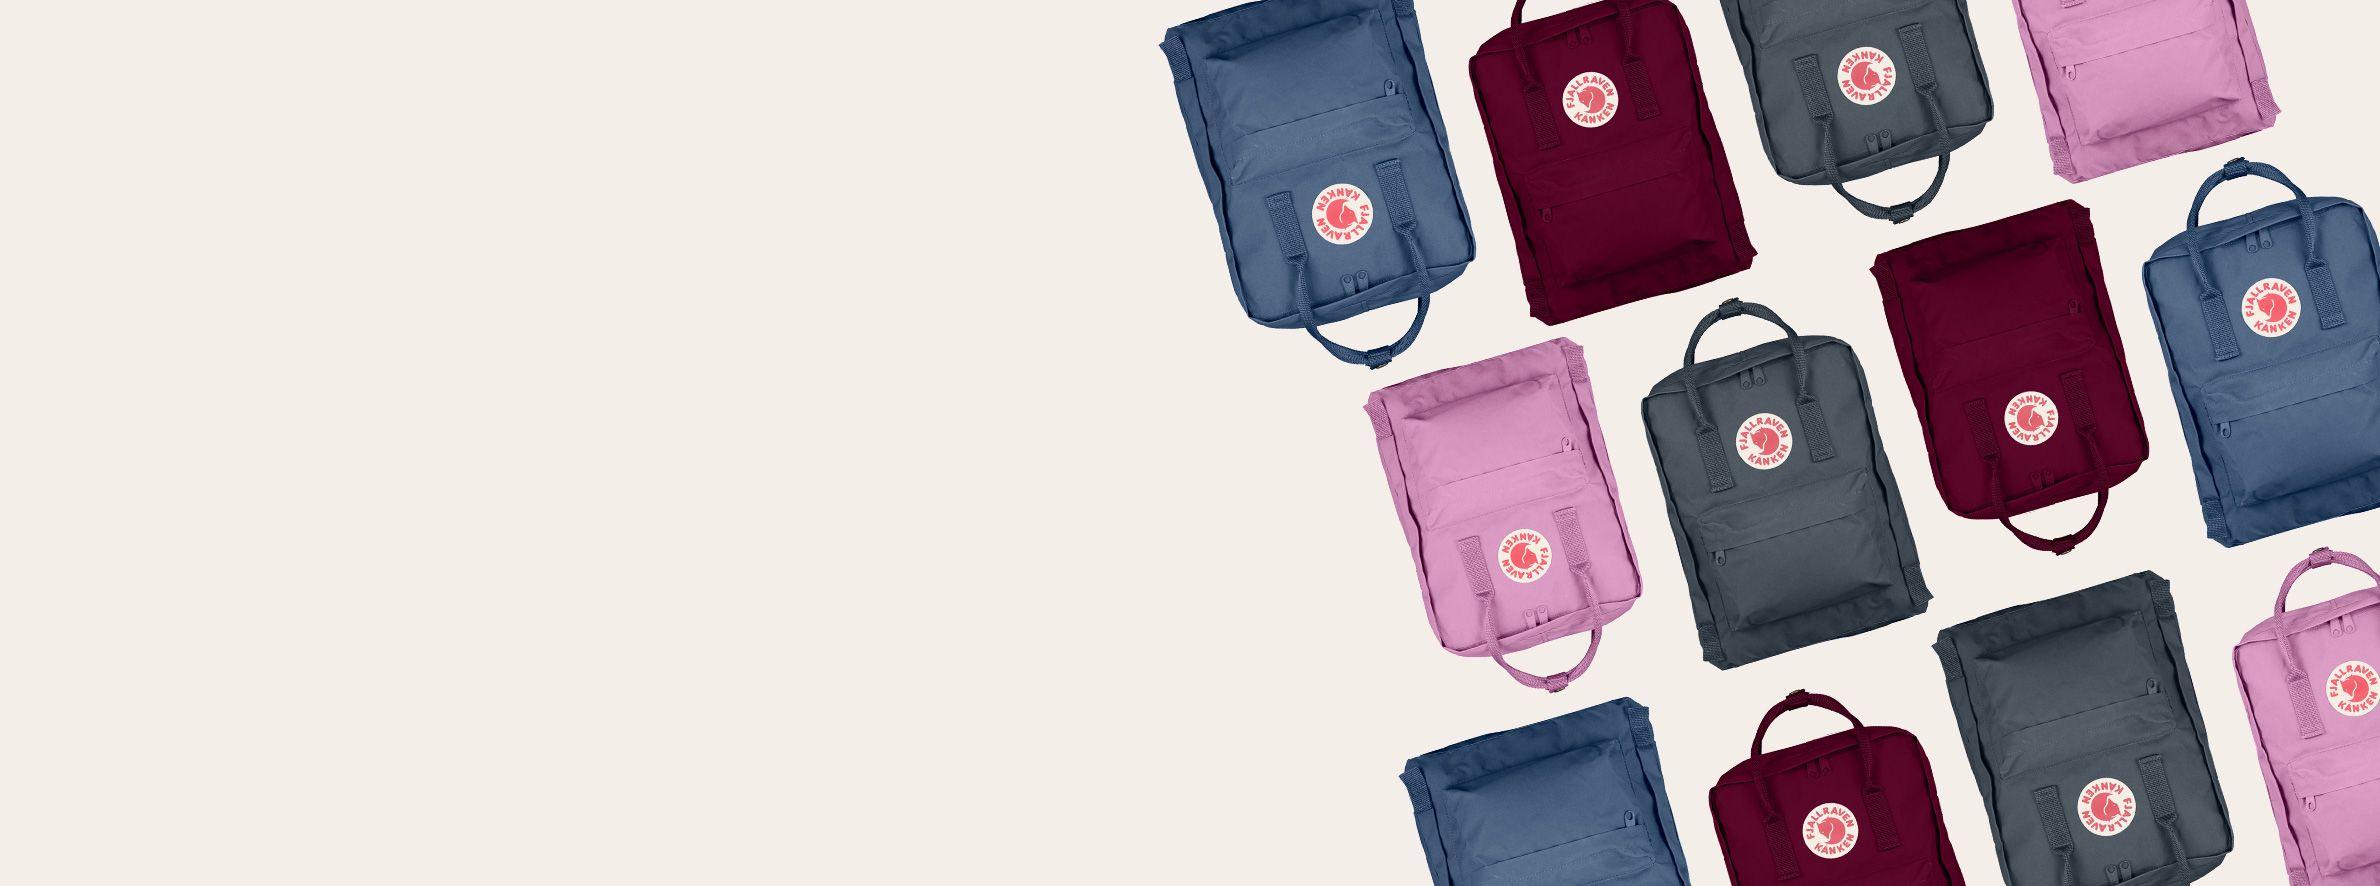 Backpacks   Laptop Backpacks, Rucksacks, Jansport   John Lewis 3e11a86c2c